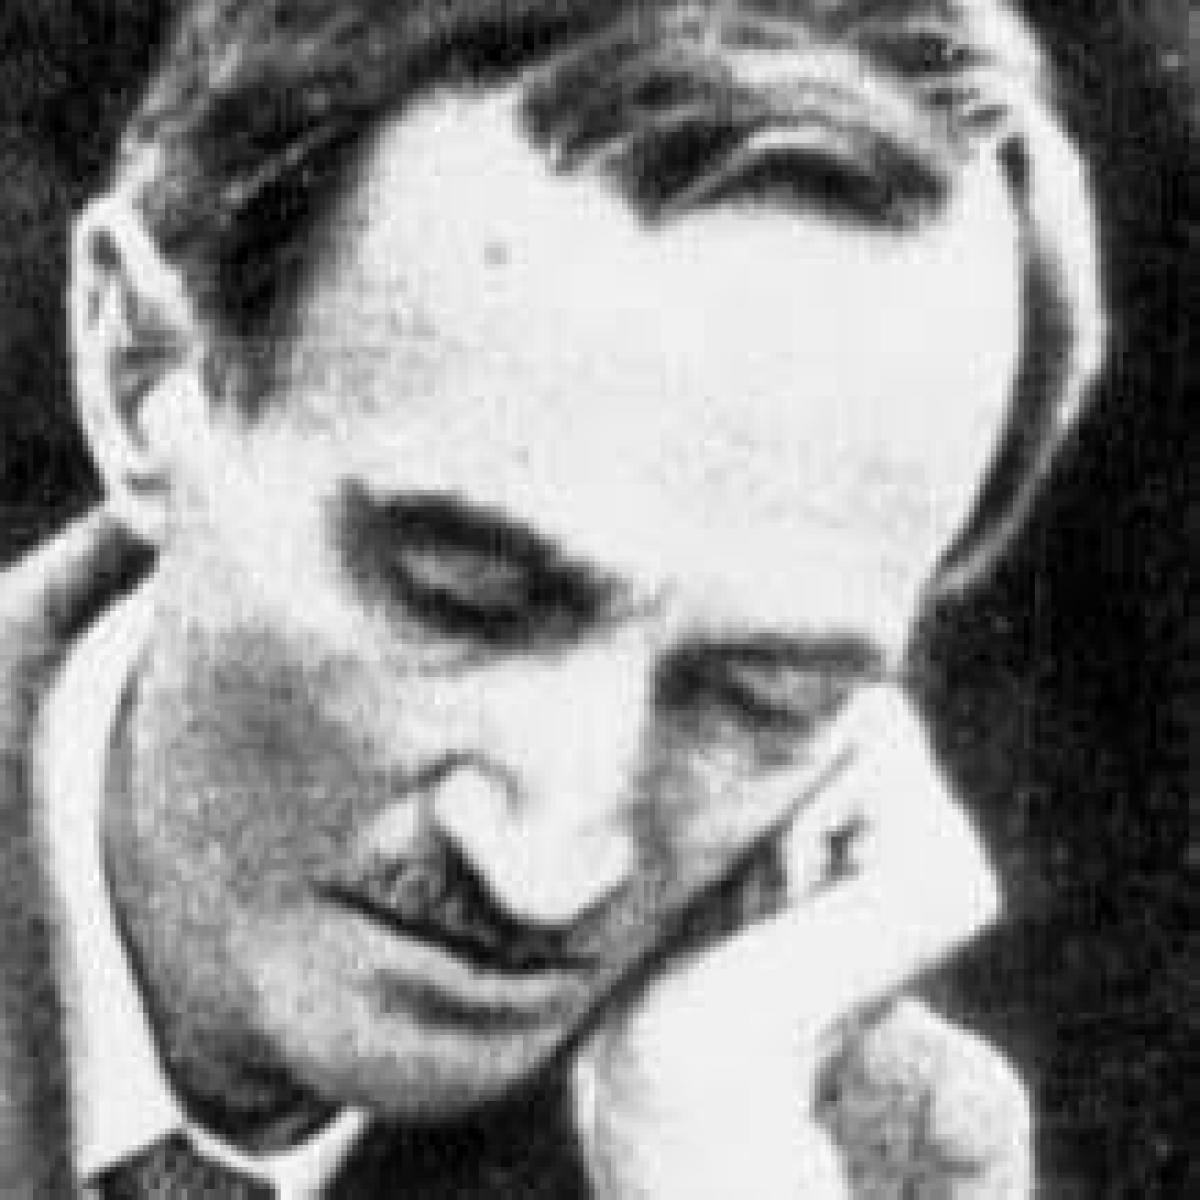 PROF. MIRELA RUS: PICĂTURA DE LITERATURĂ : BACOVIA ȘI CENTRUL MIZANTROP ȘI AVAR